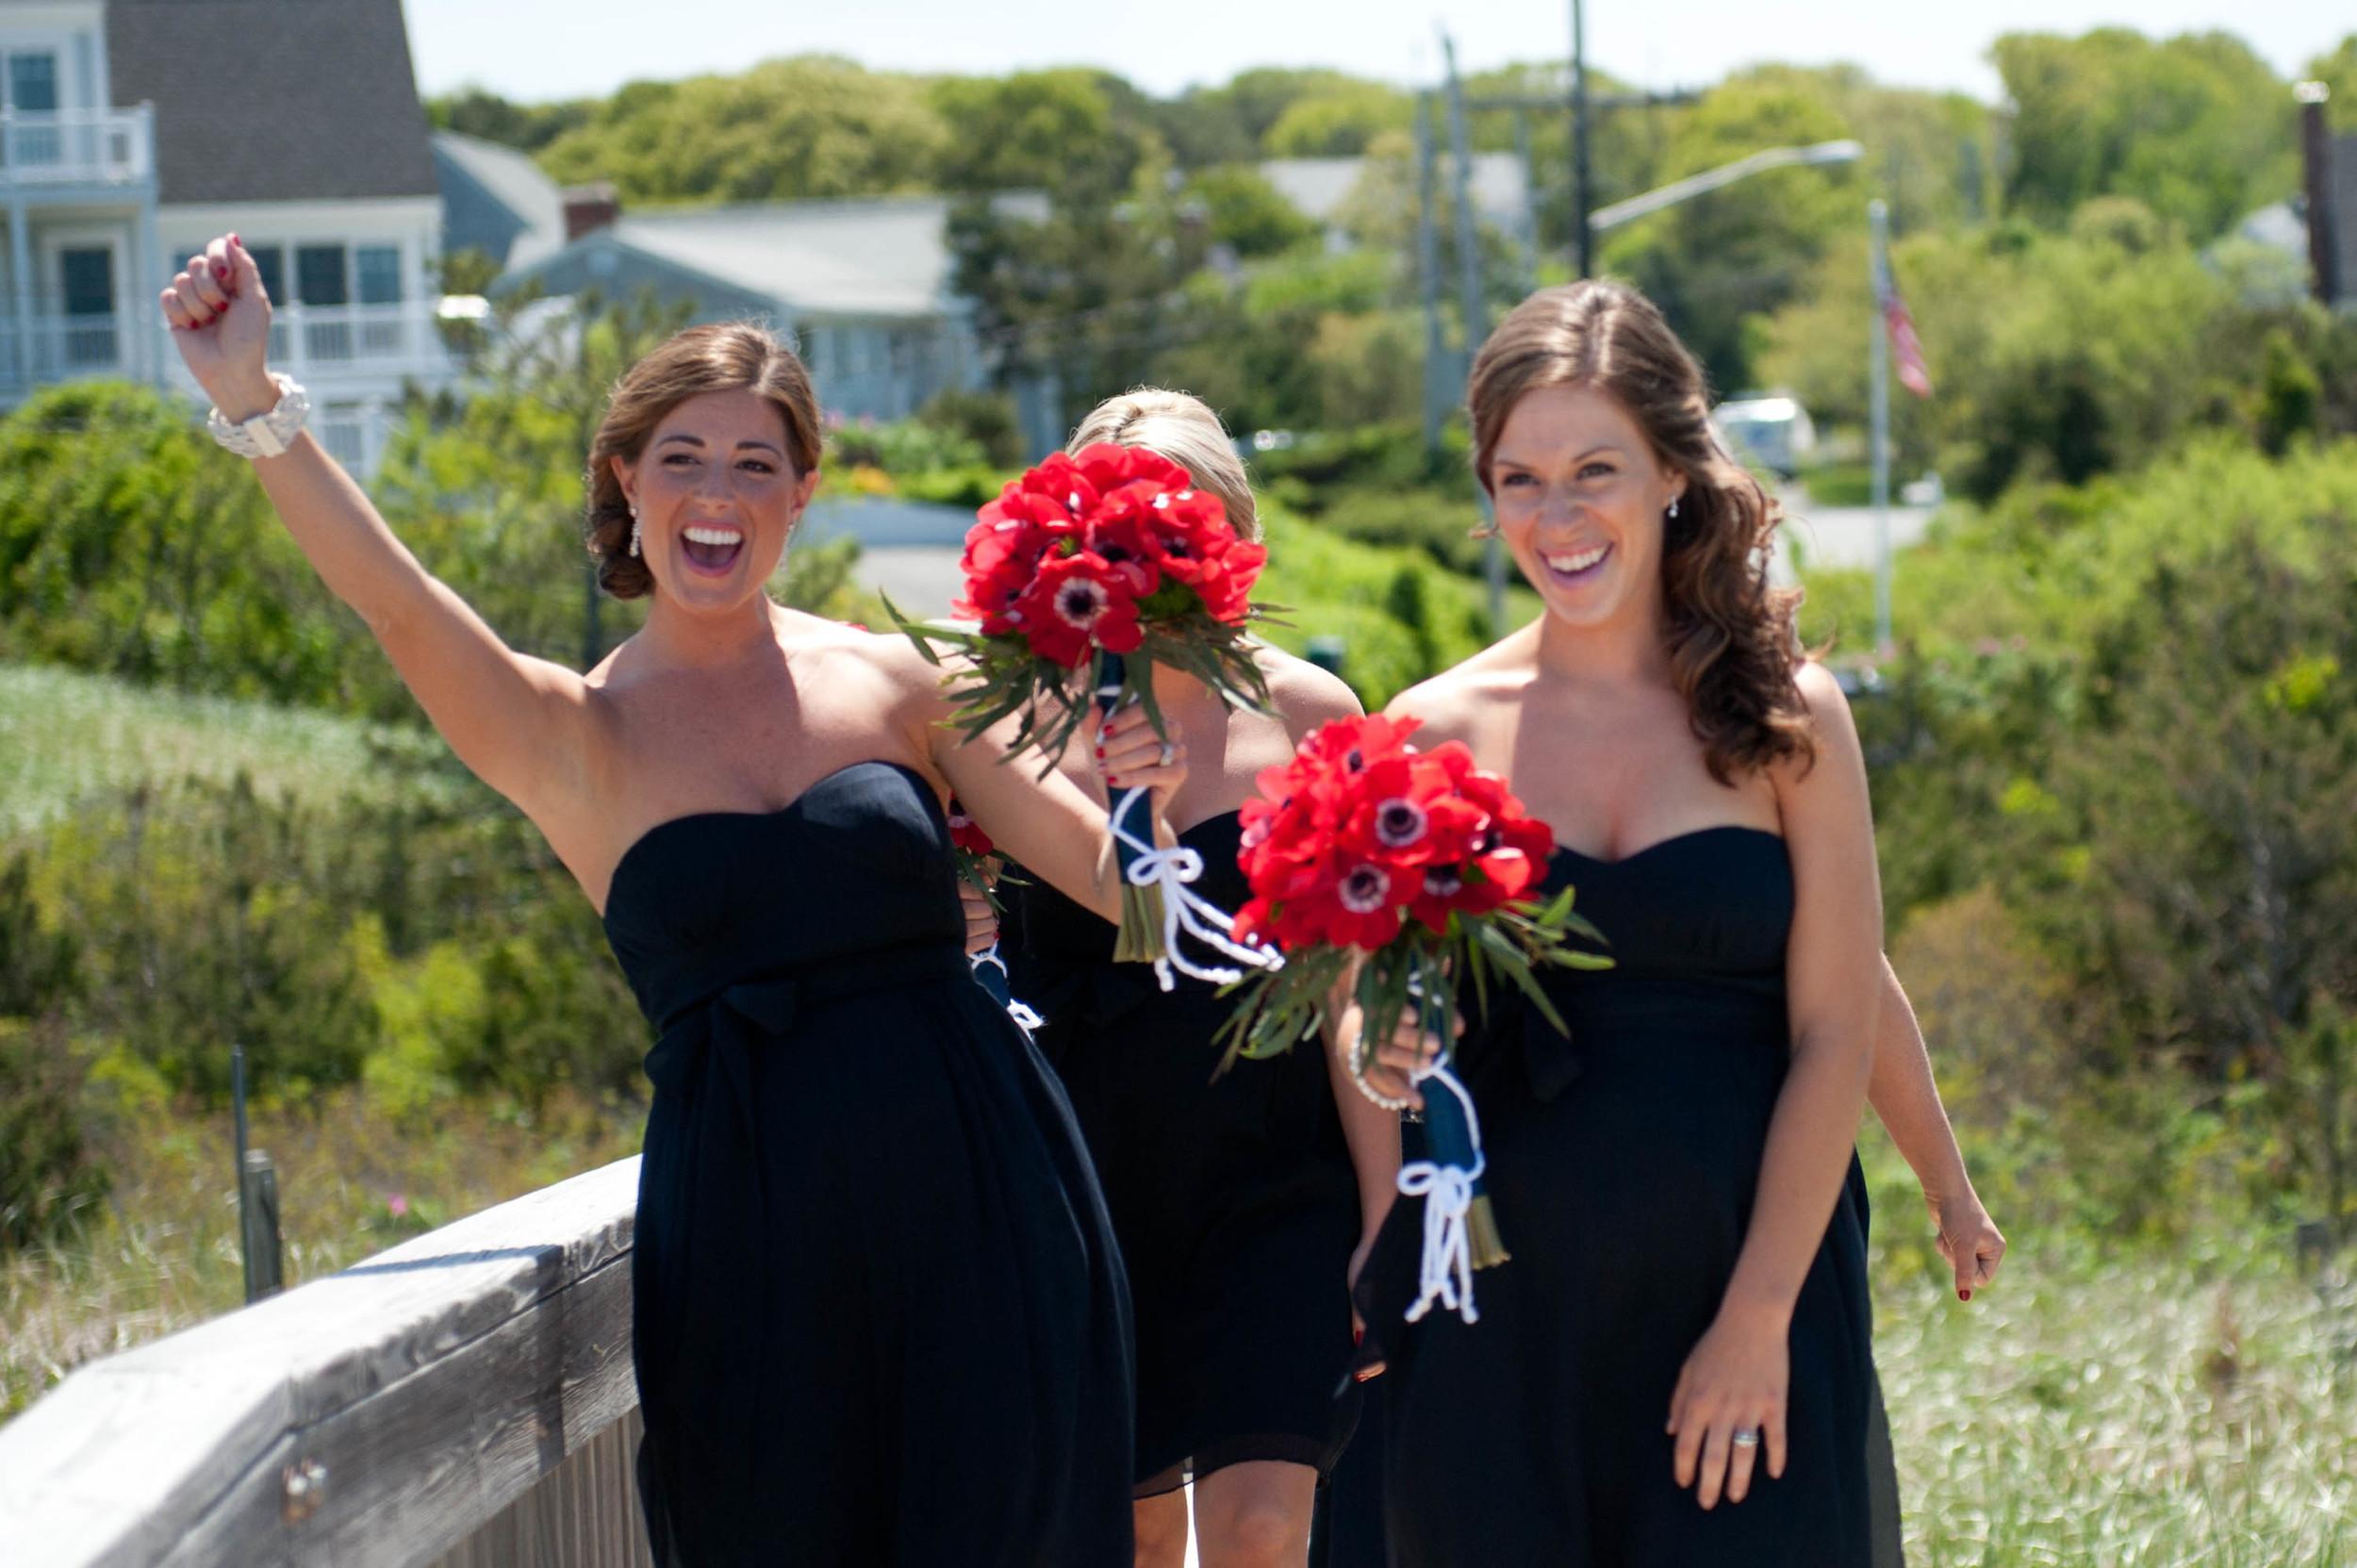 Ridge_Club_Cape_Cod_Wedding-9.jpg